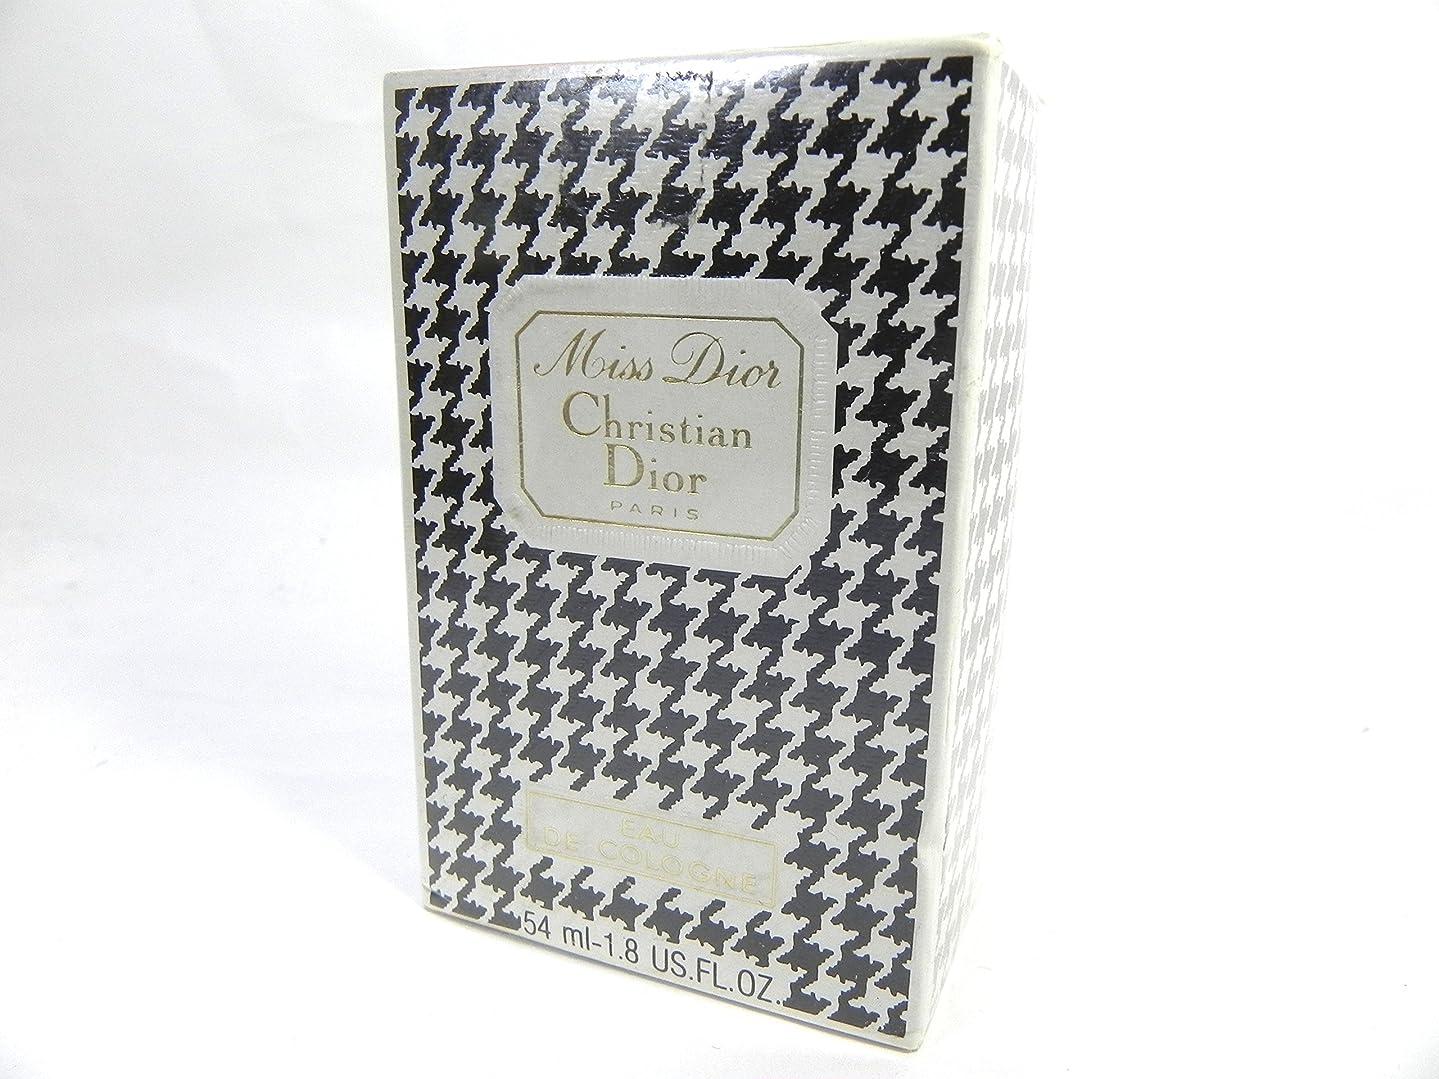 スリットアクセス胃Christian Dior クリスチャンディオール ミスディオール Miss Dior オードゥコロン EDC 54ml ボトルタイプ [並行輸入品]